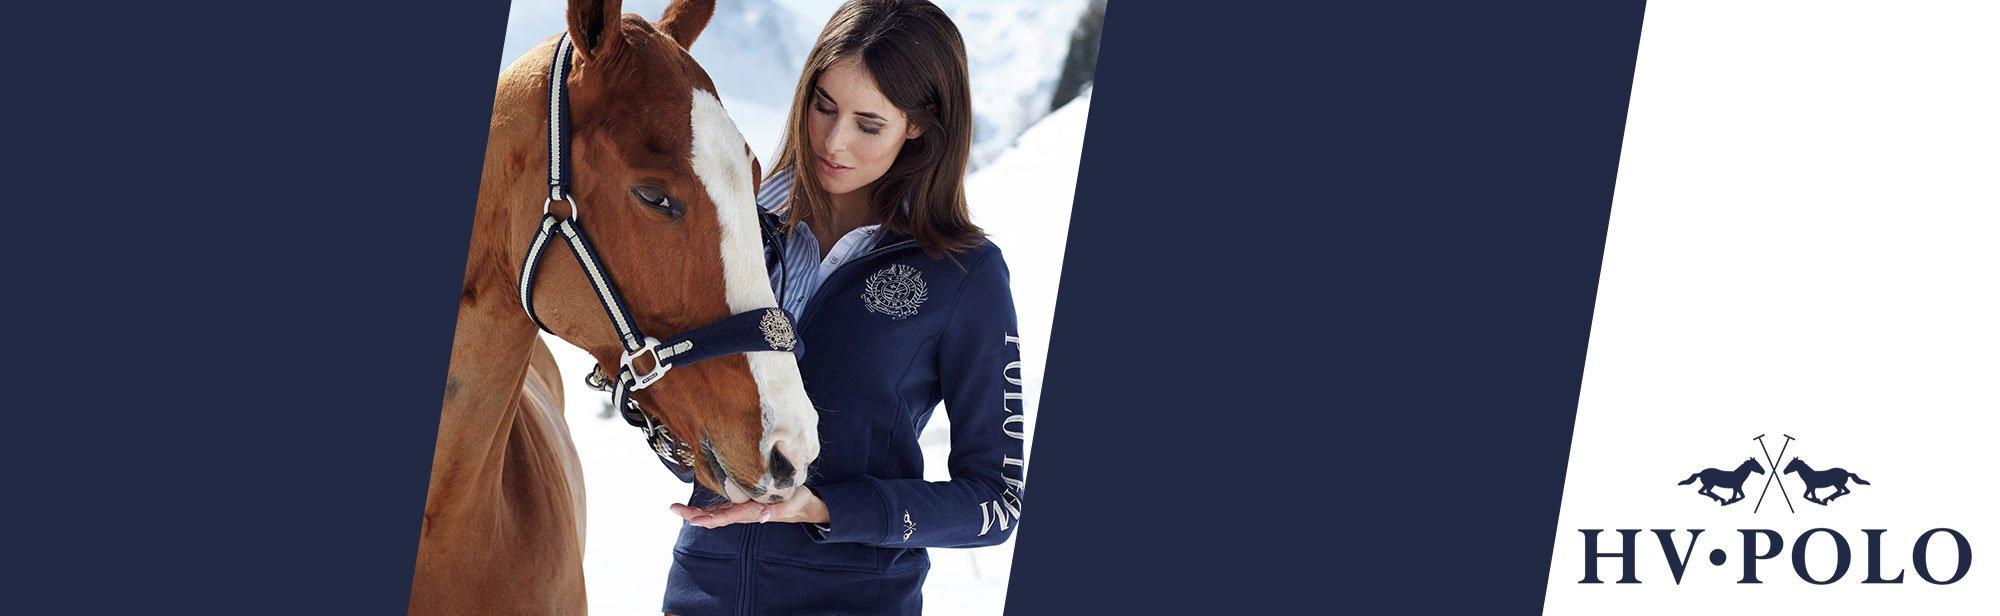 HV Polo Markenshop mit Reitzubehör und Reitbekleidung